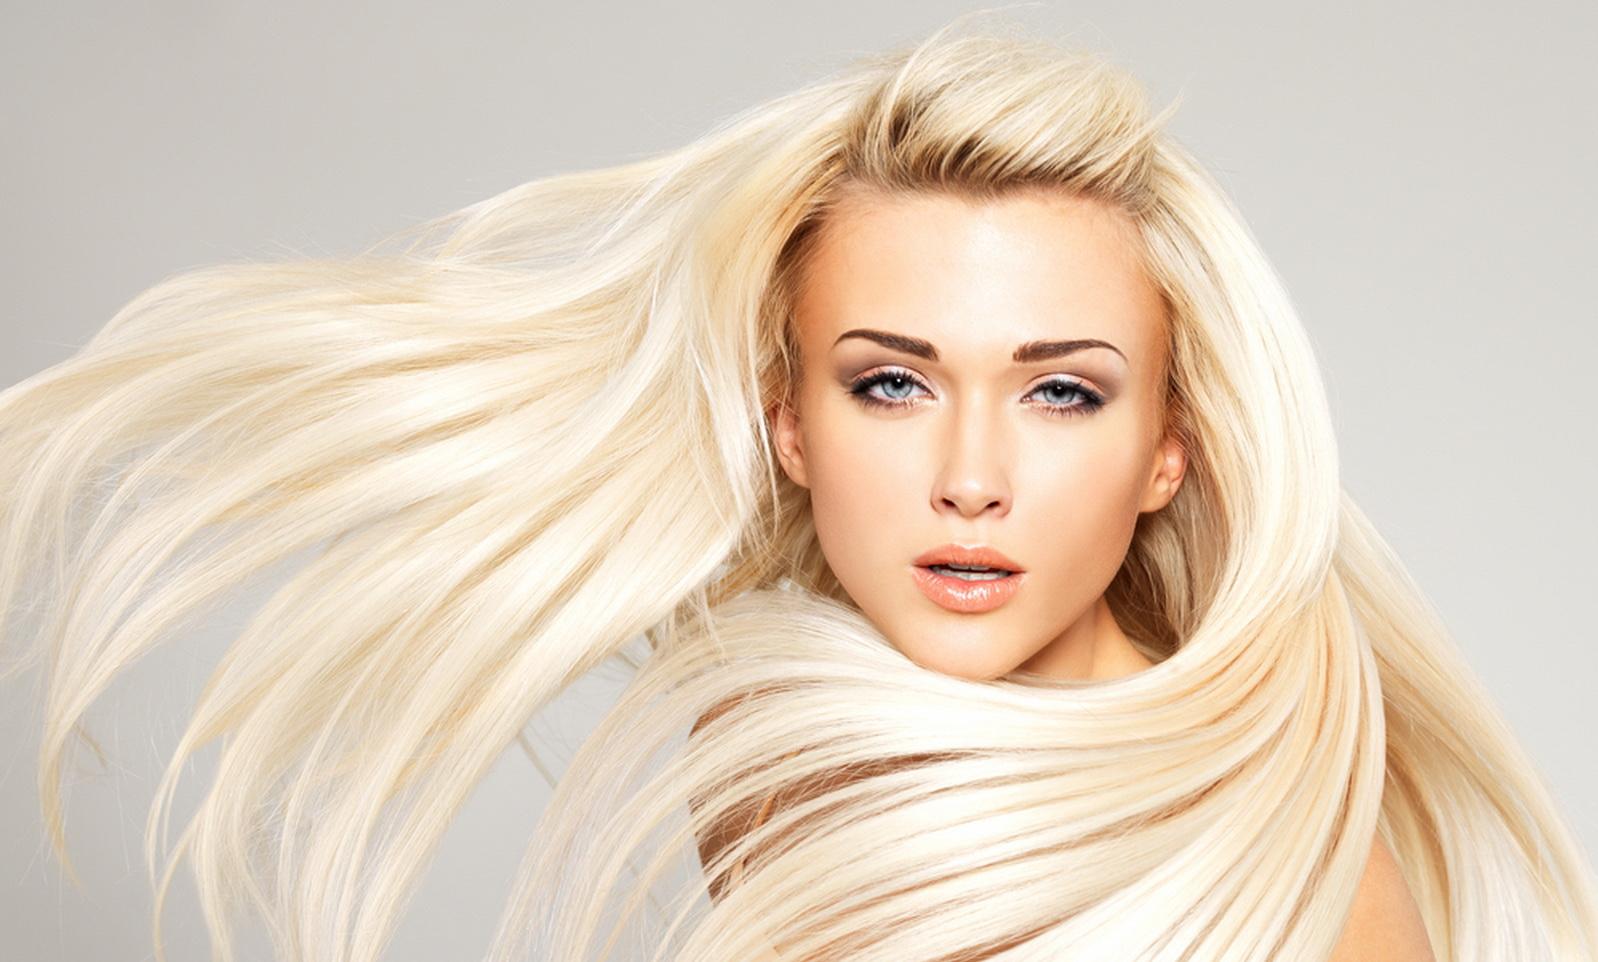 как правильно красить корни волос блондинкам в домашних условиях